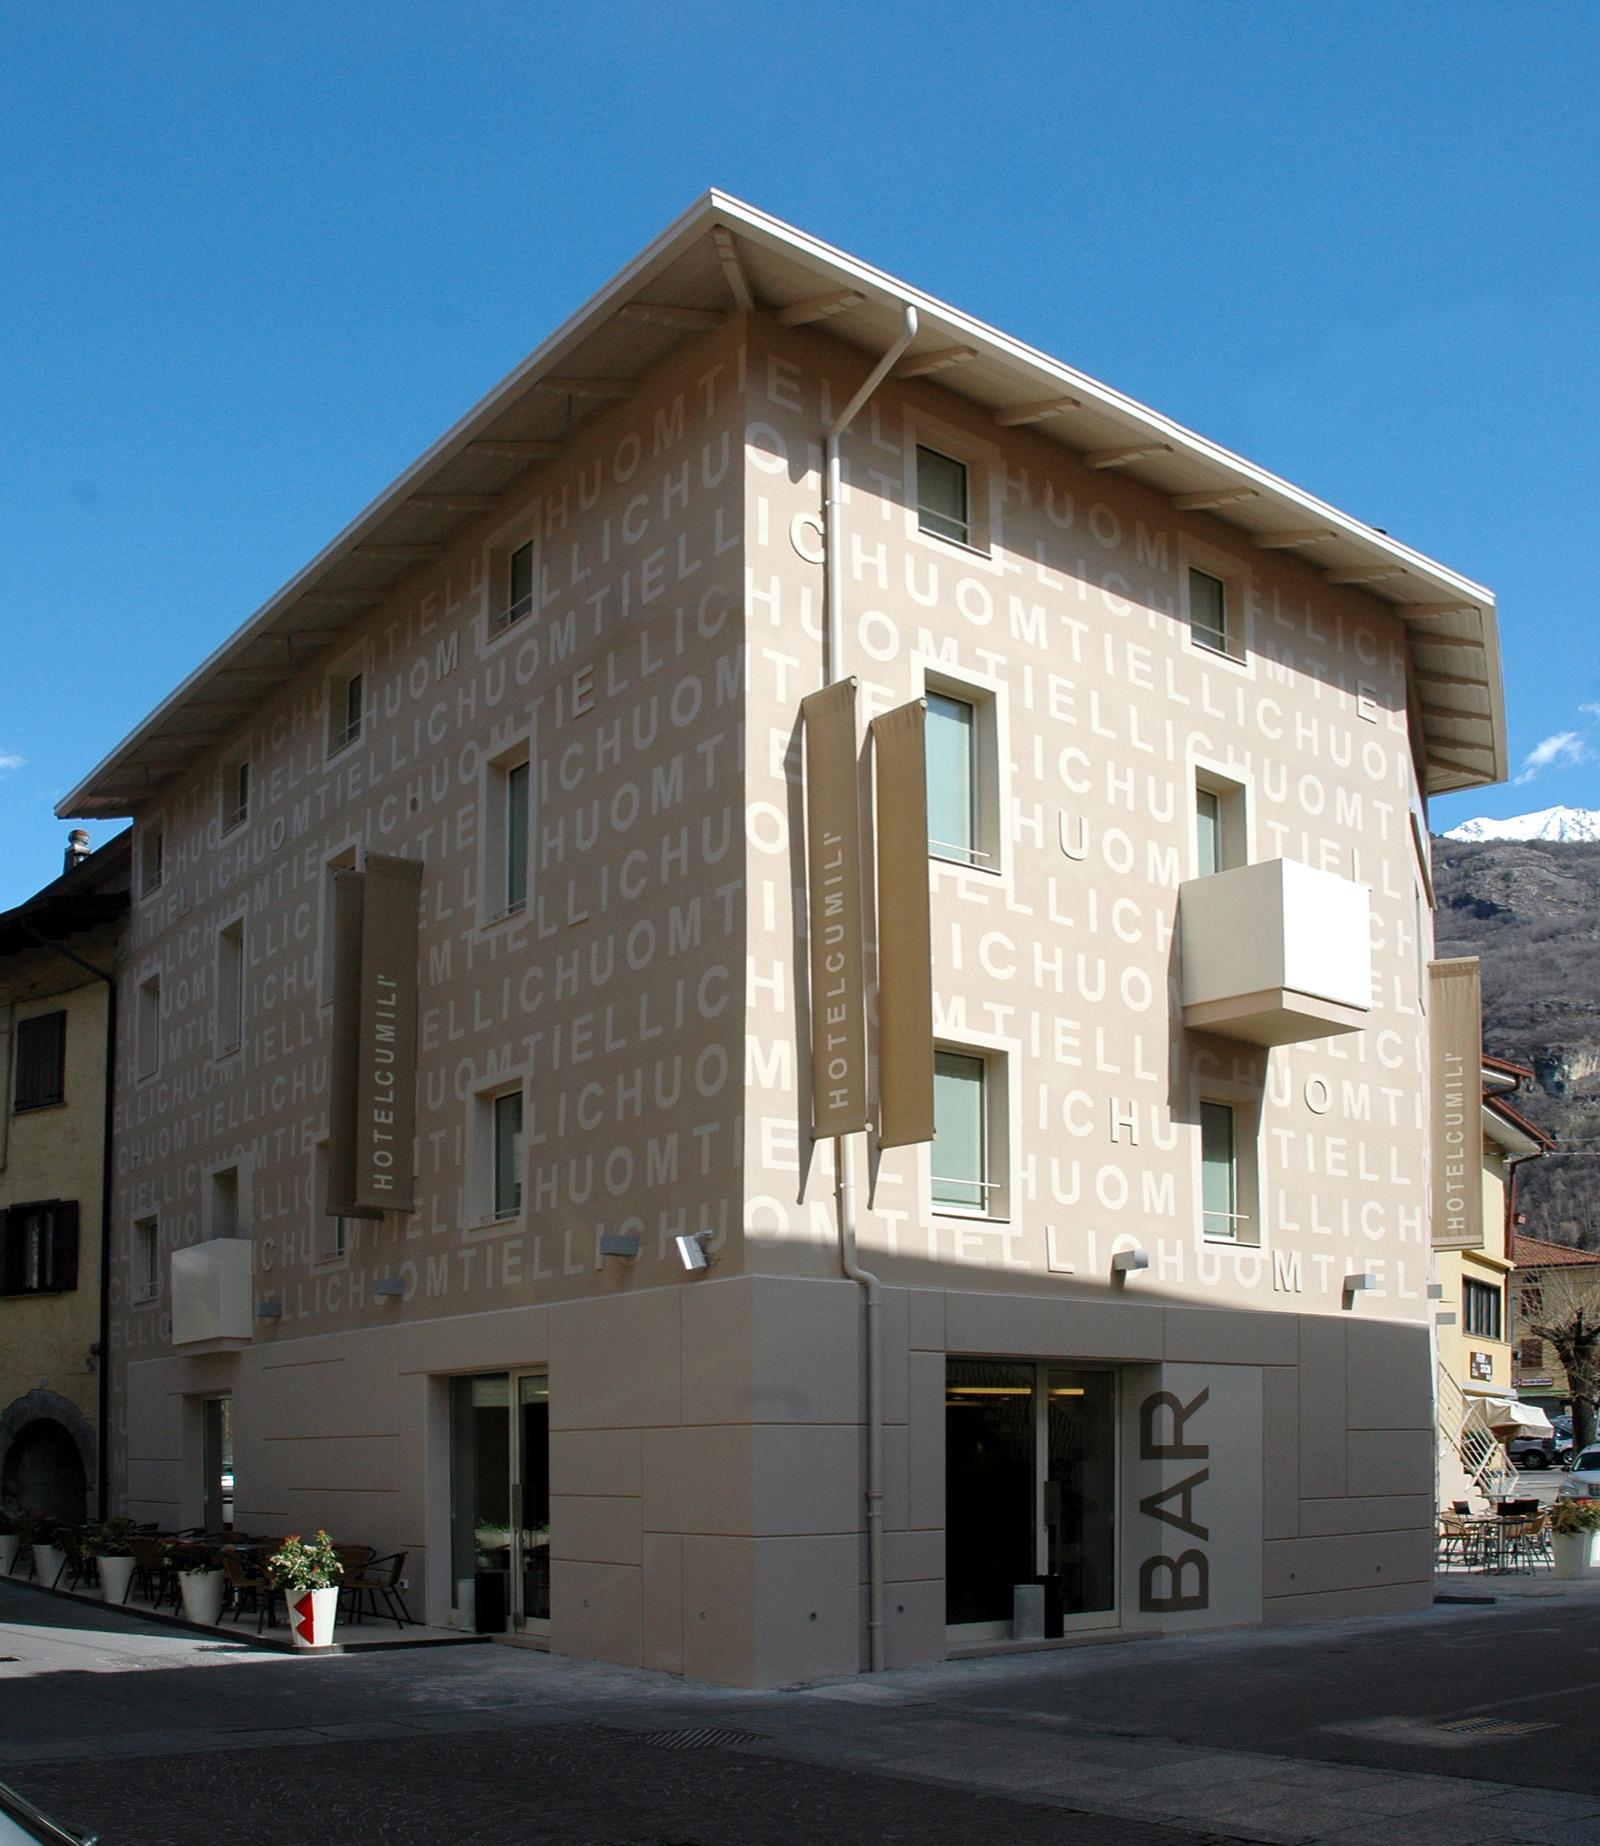 Studio-di-architettura-Baisotti-Sigala-prgetti36